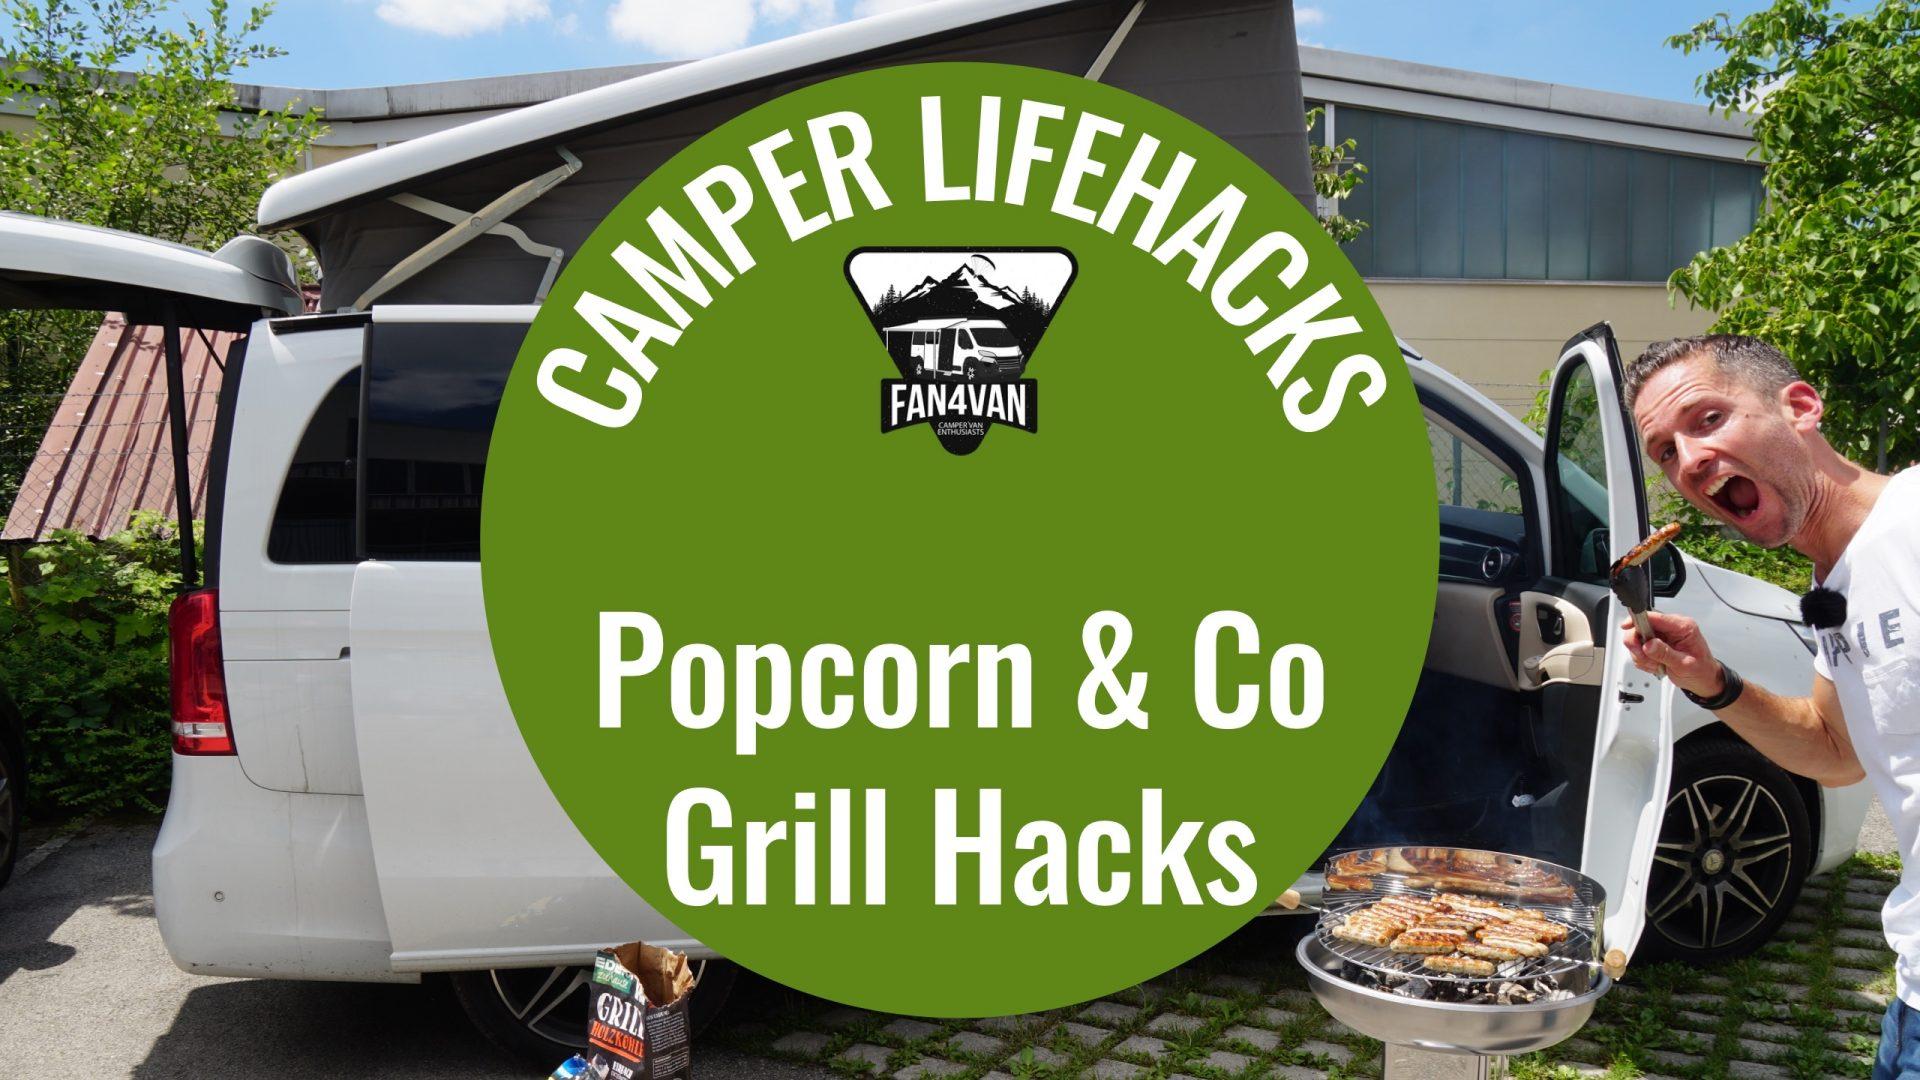 Life Hacks für Camper: 3 lustige Tipps für einen coolen Grillabend